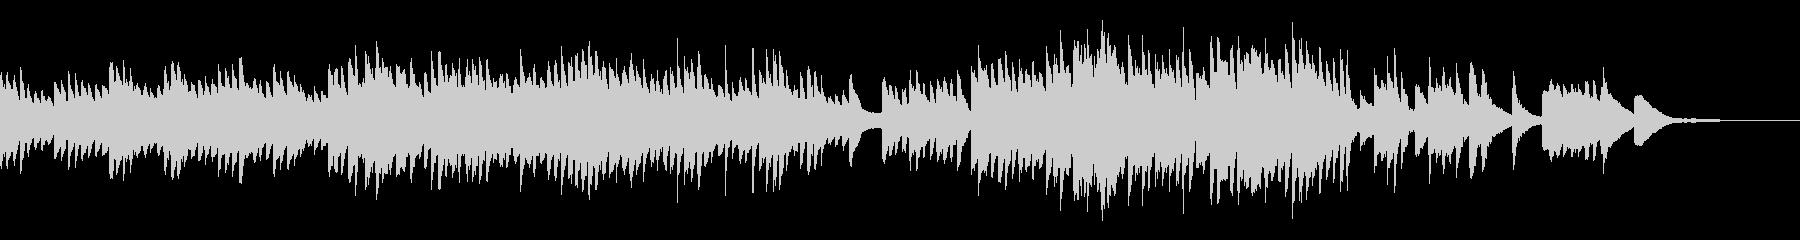 心温まる優しいピアノソロBGMの未再生の波形